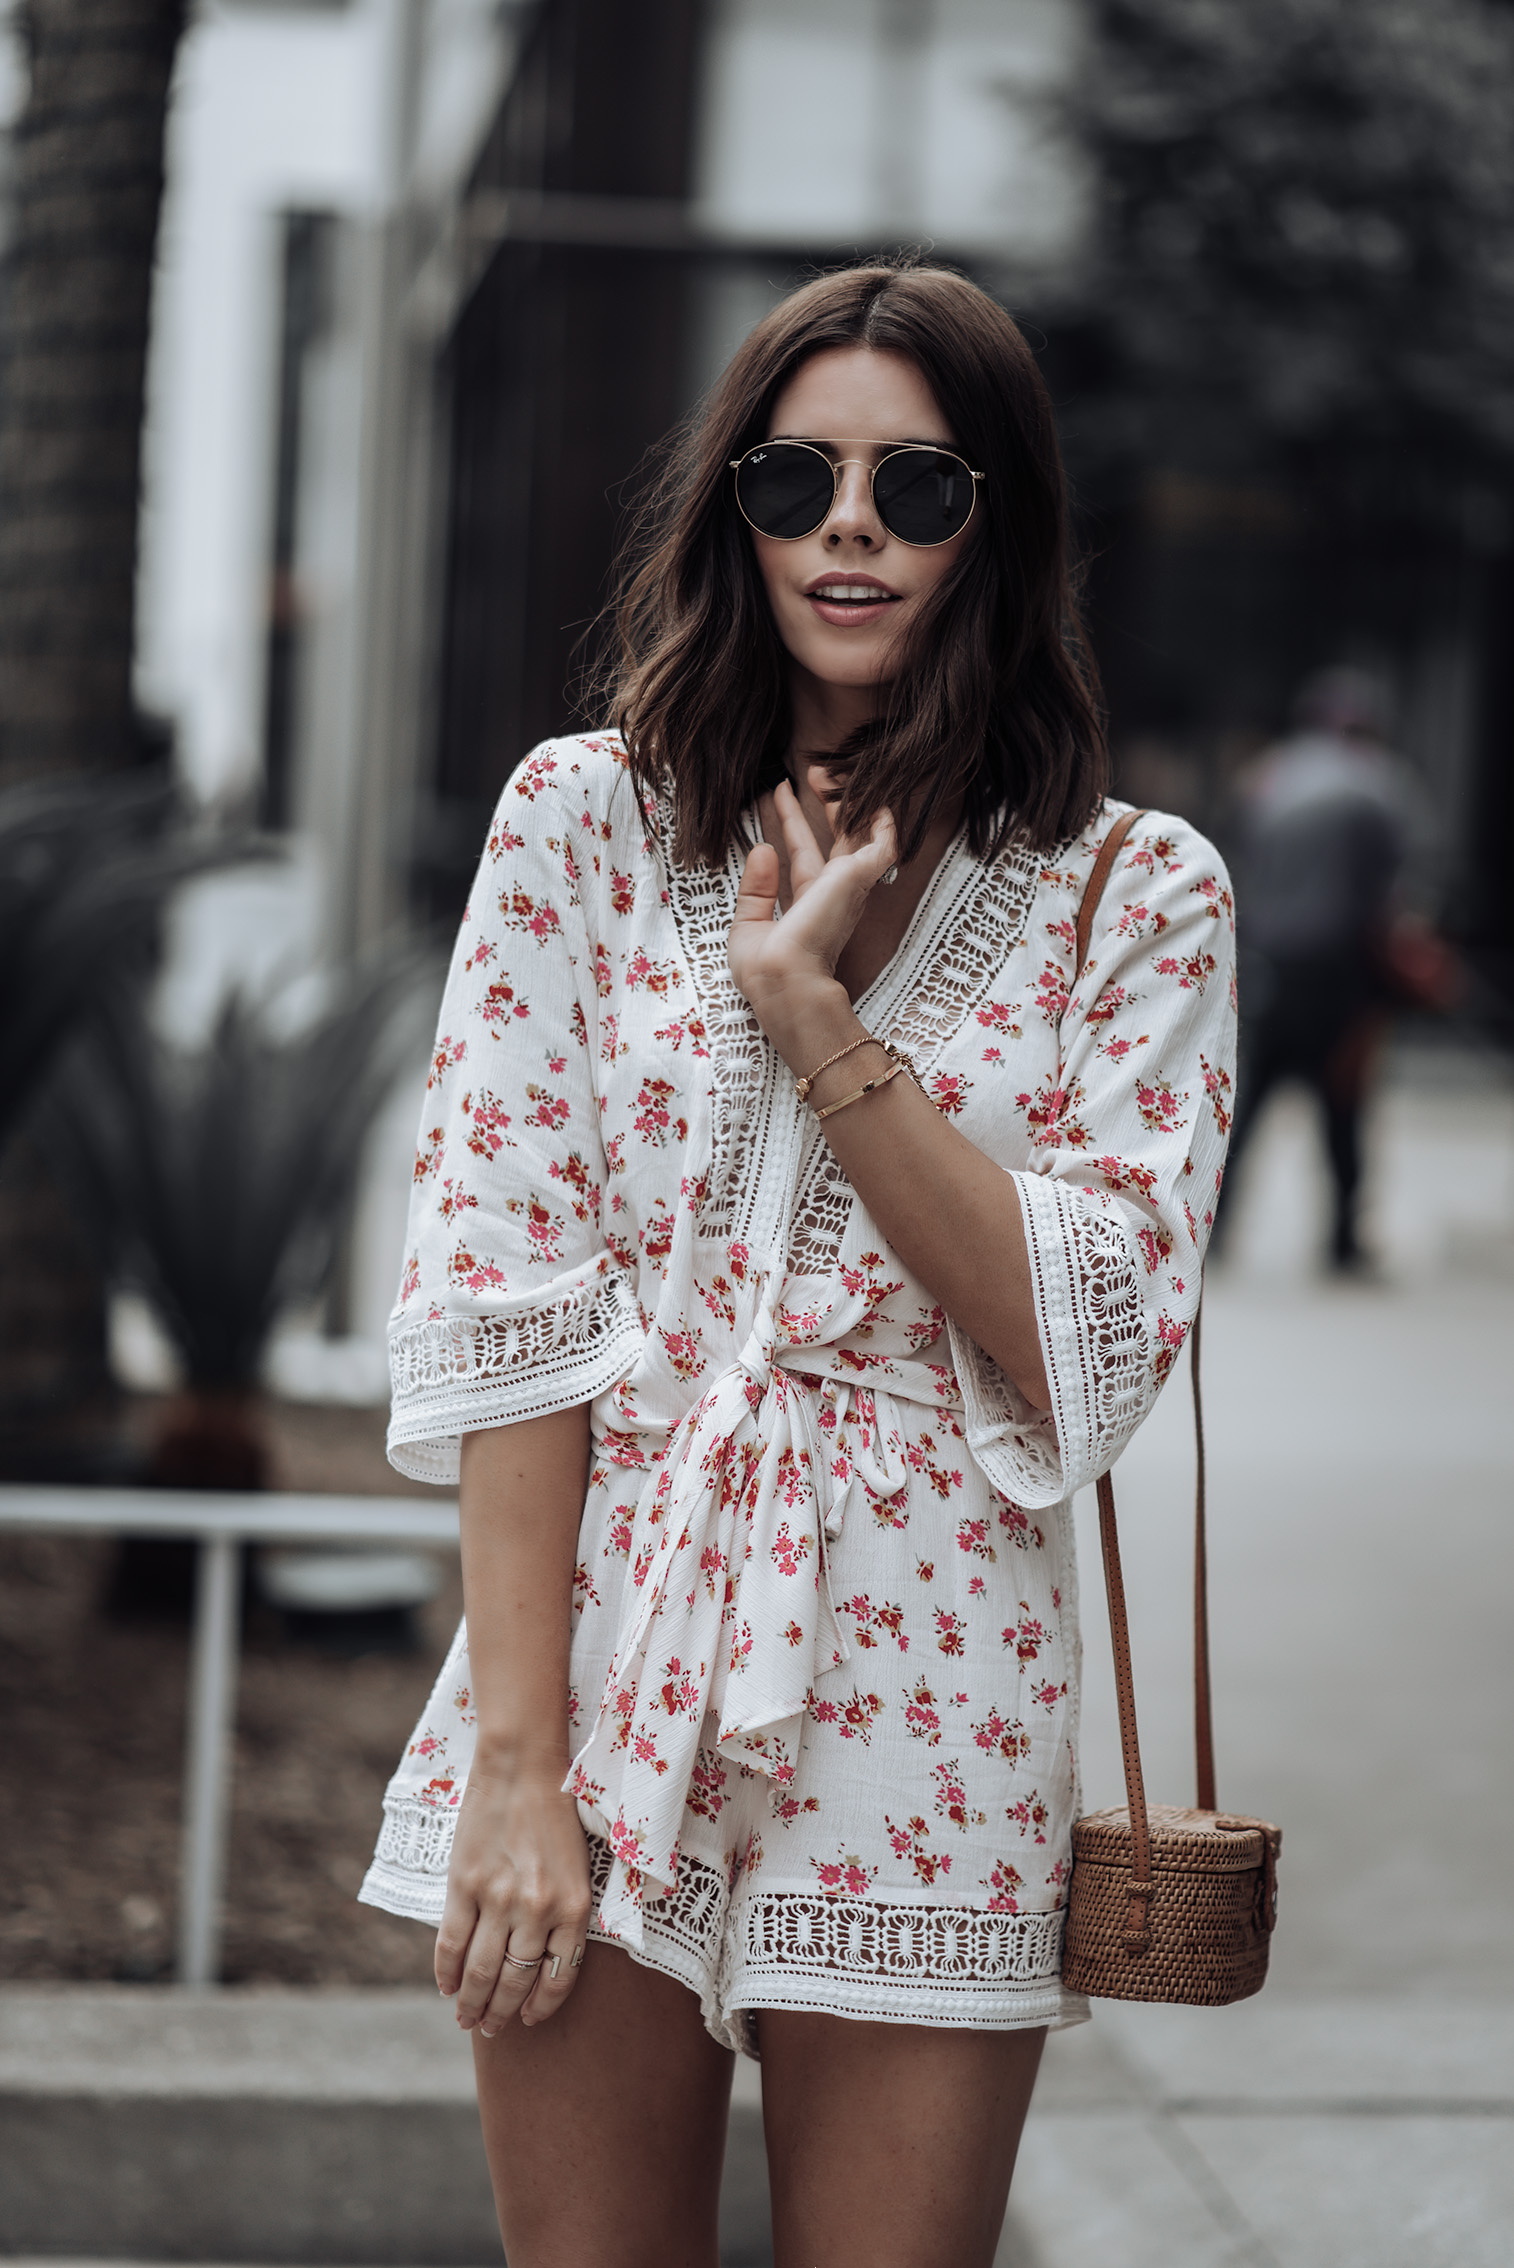 Floral Set | Platform Oxfords | Straw Bag | #liketkit #floralset #strawbag #streetstyle